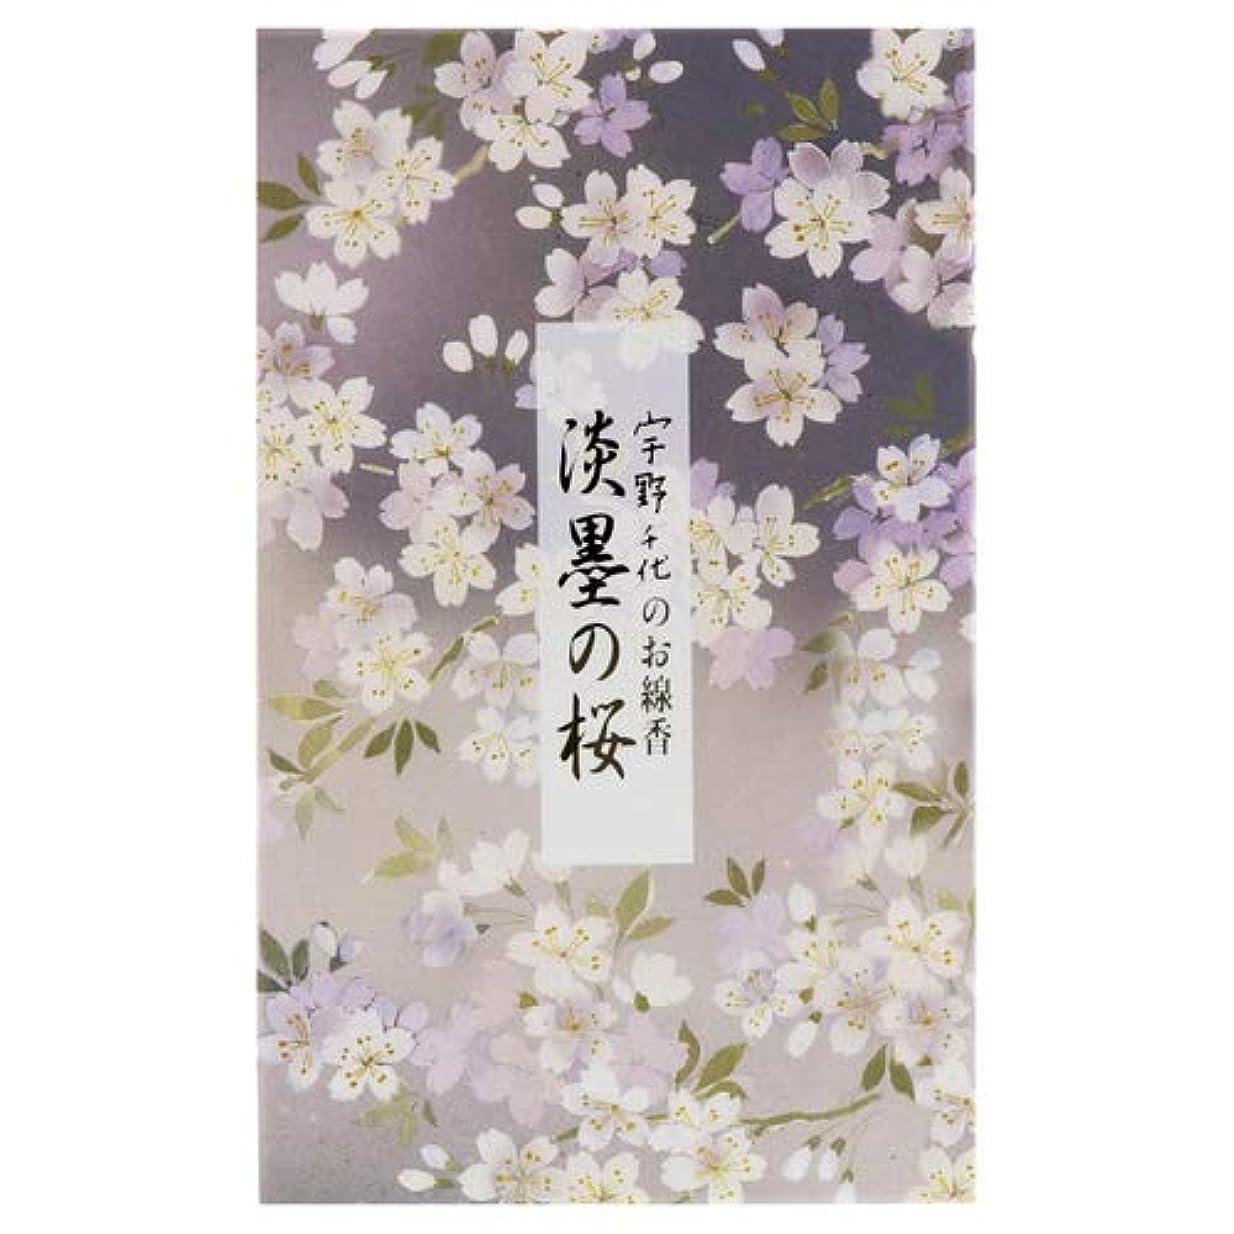 装置楽しむ寄稿者宇野千代のお線香 淡墨の桜 バラ詰